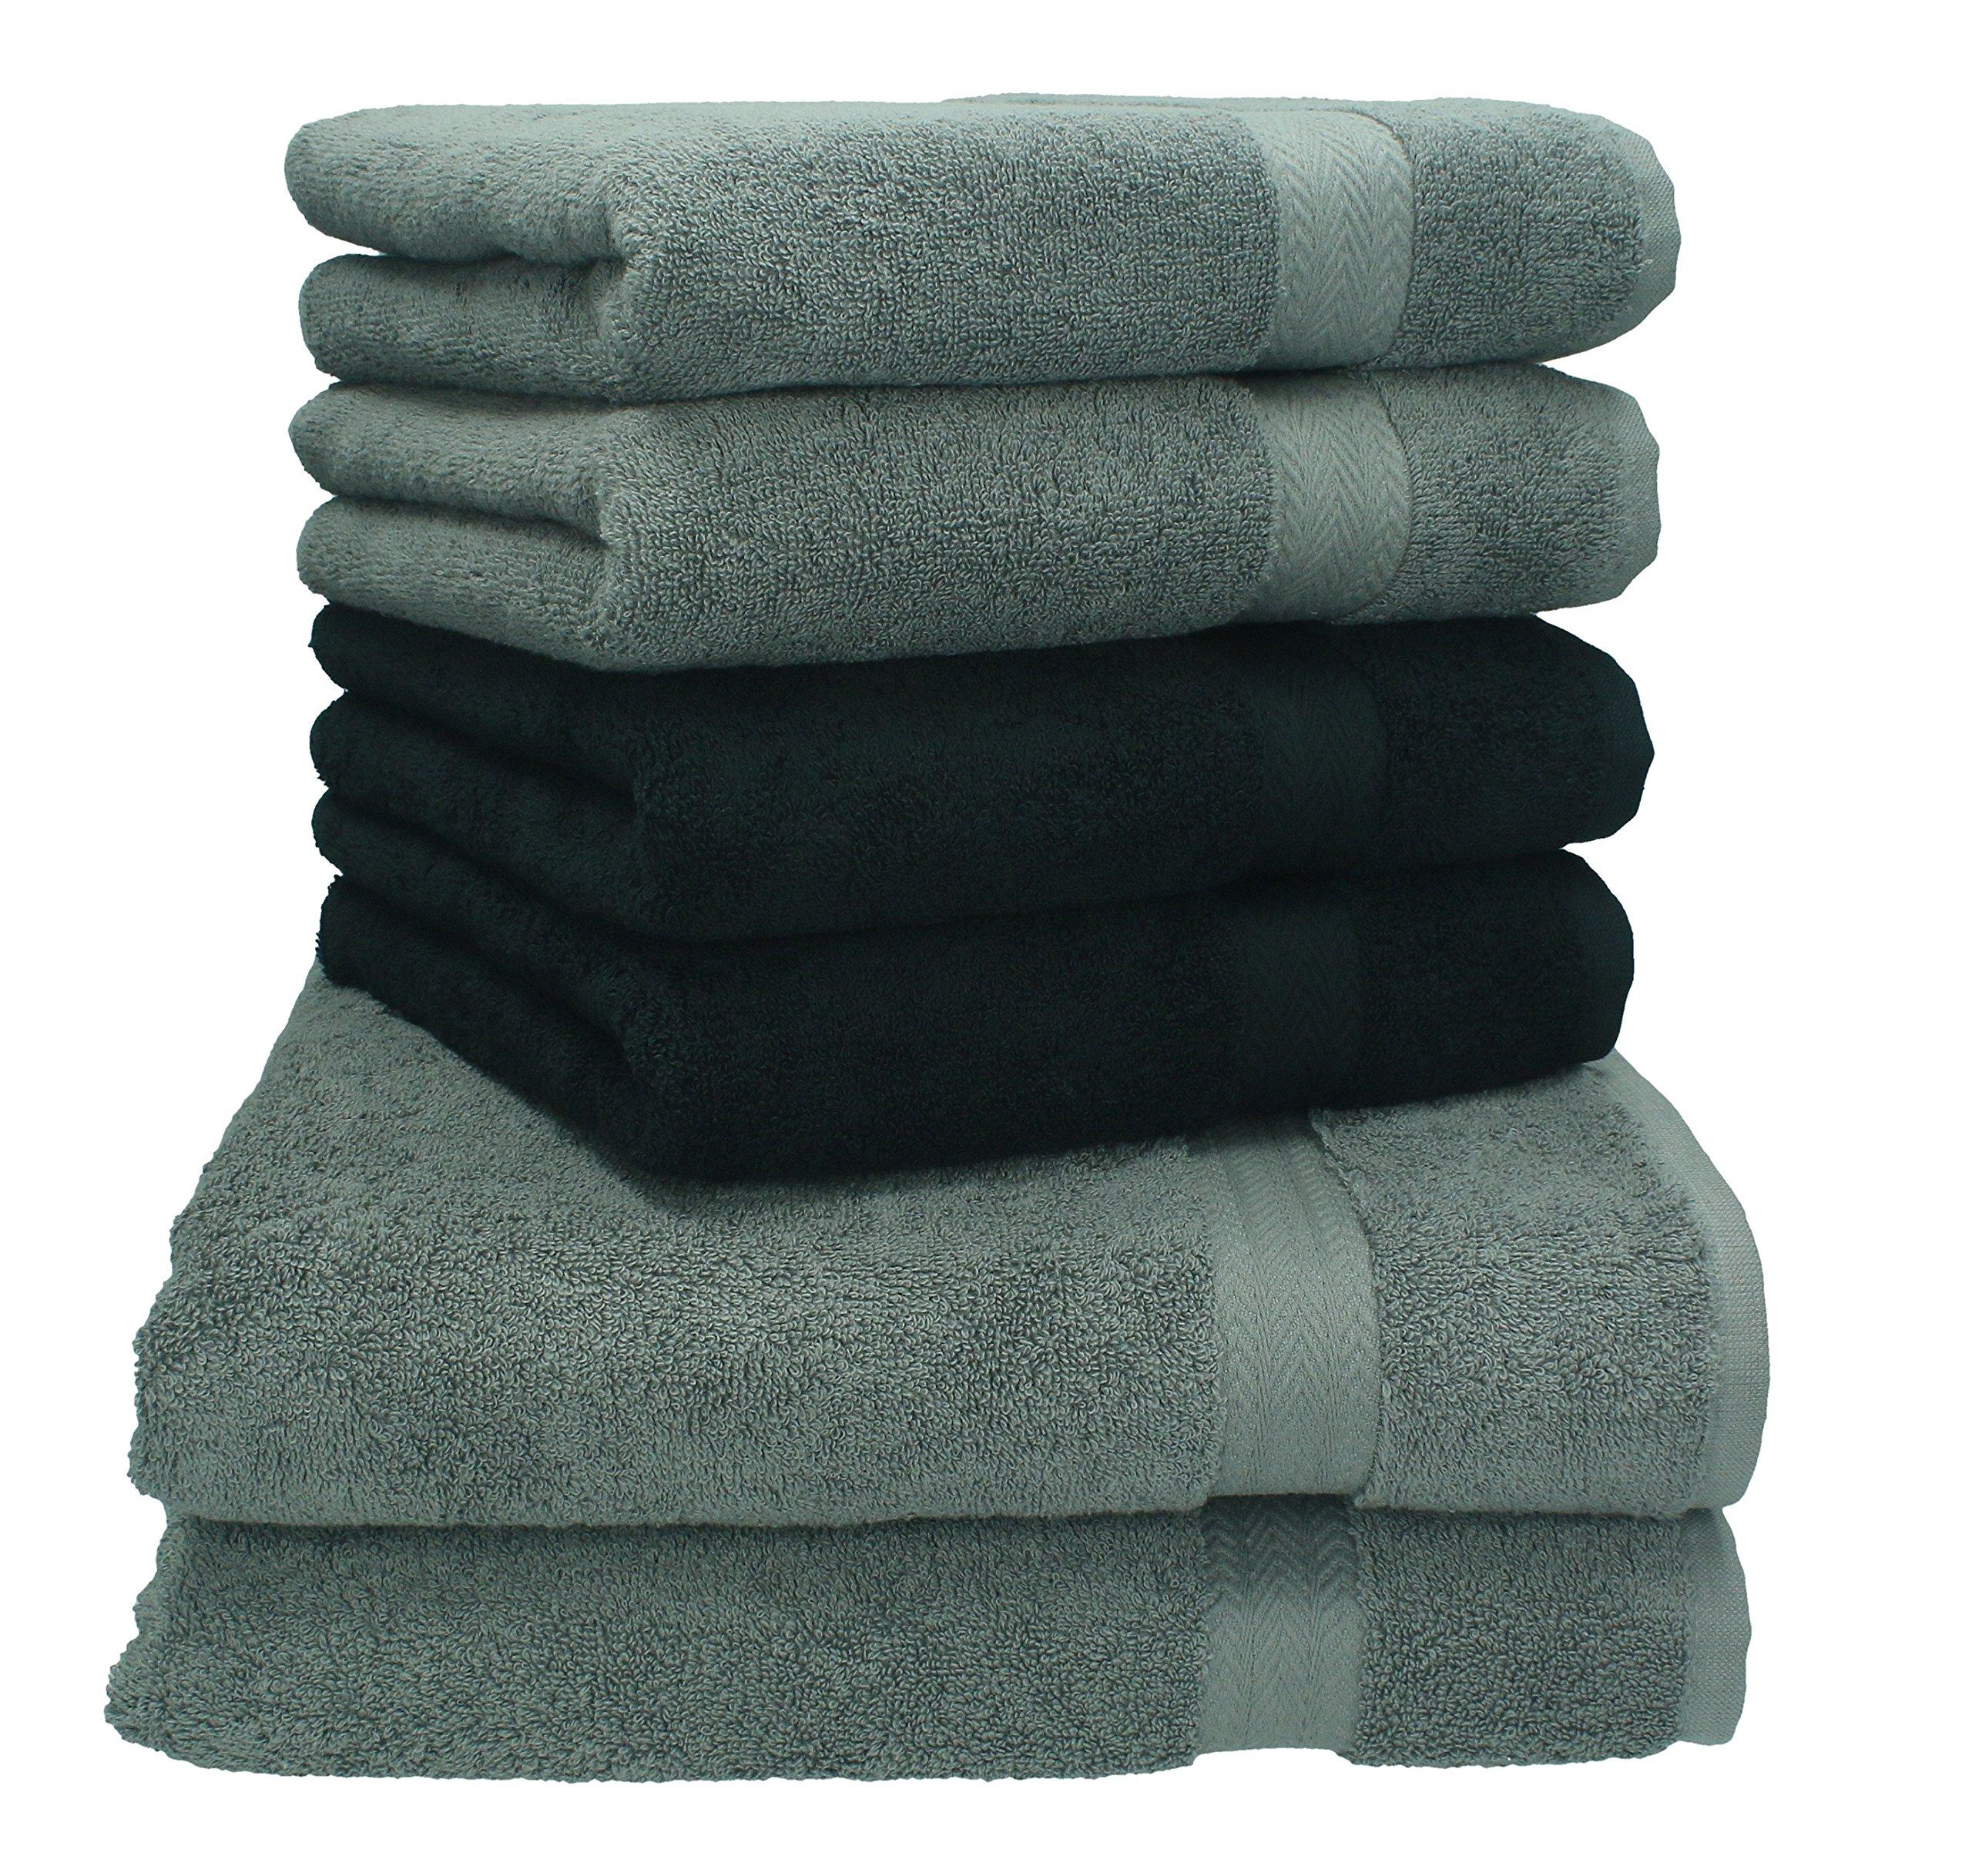 Betz Juego de Toallas de 6 Piezas Toalla de baño Ducha Mano Premium 100% algodón 2 Toallas de baño 4 Toallas de Mano de Color Negro y Gris Antracita: Amazon.es: Hogar